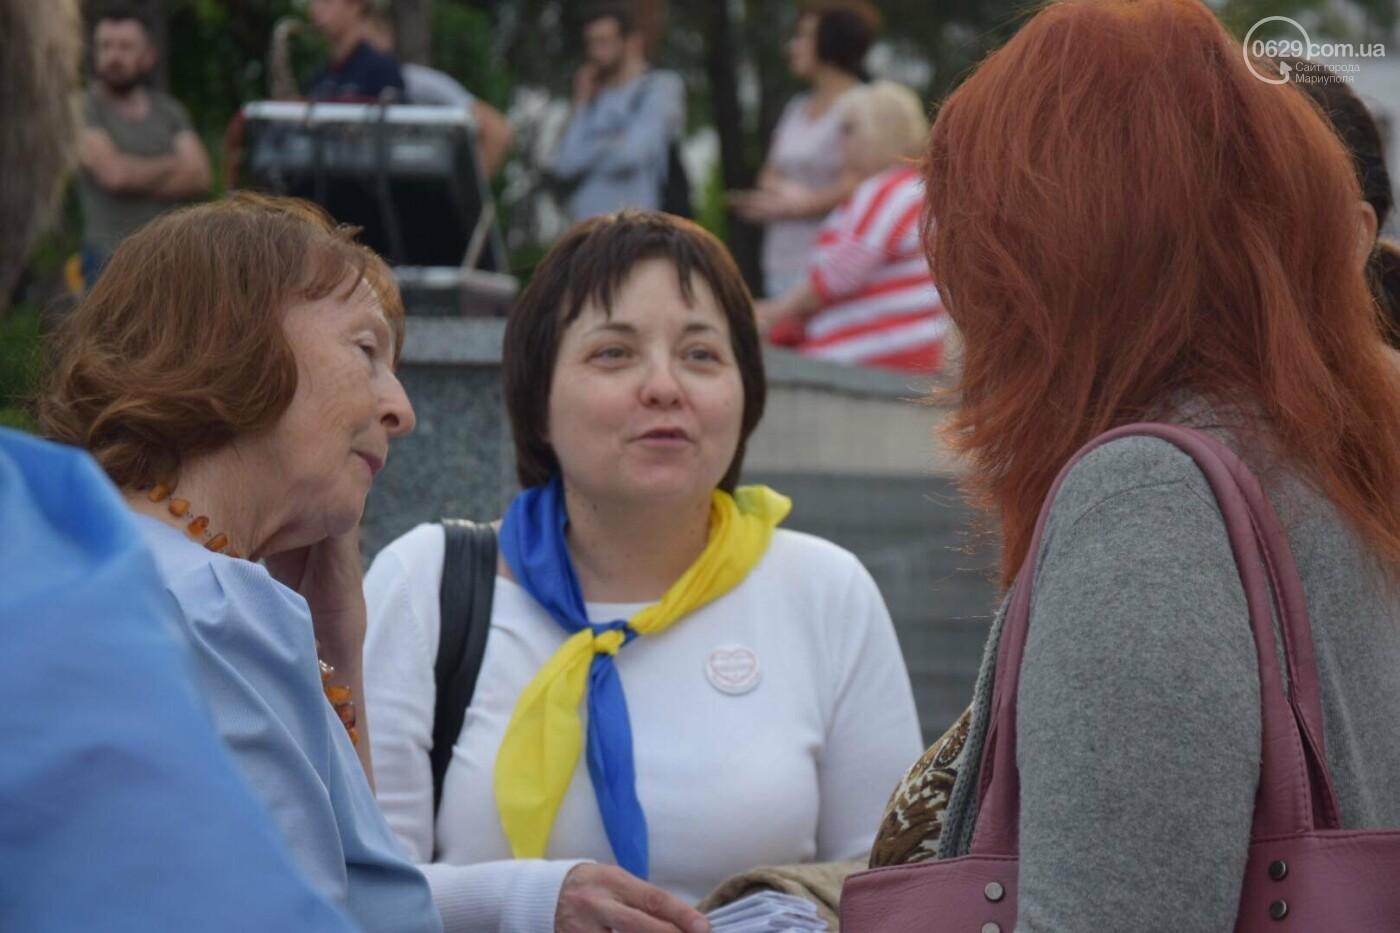 В Мариуполе радостно встретили Закон об украинском языке, - ФОТО, фото-6